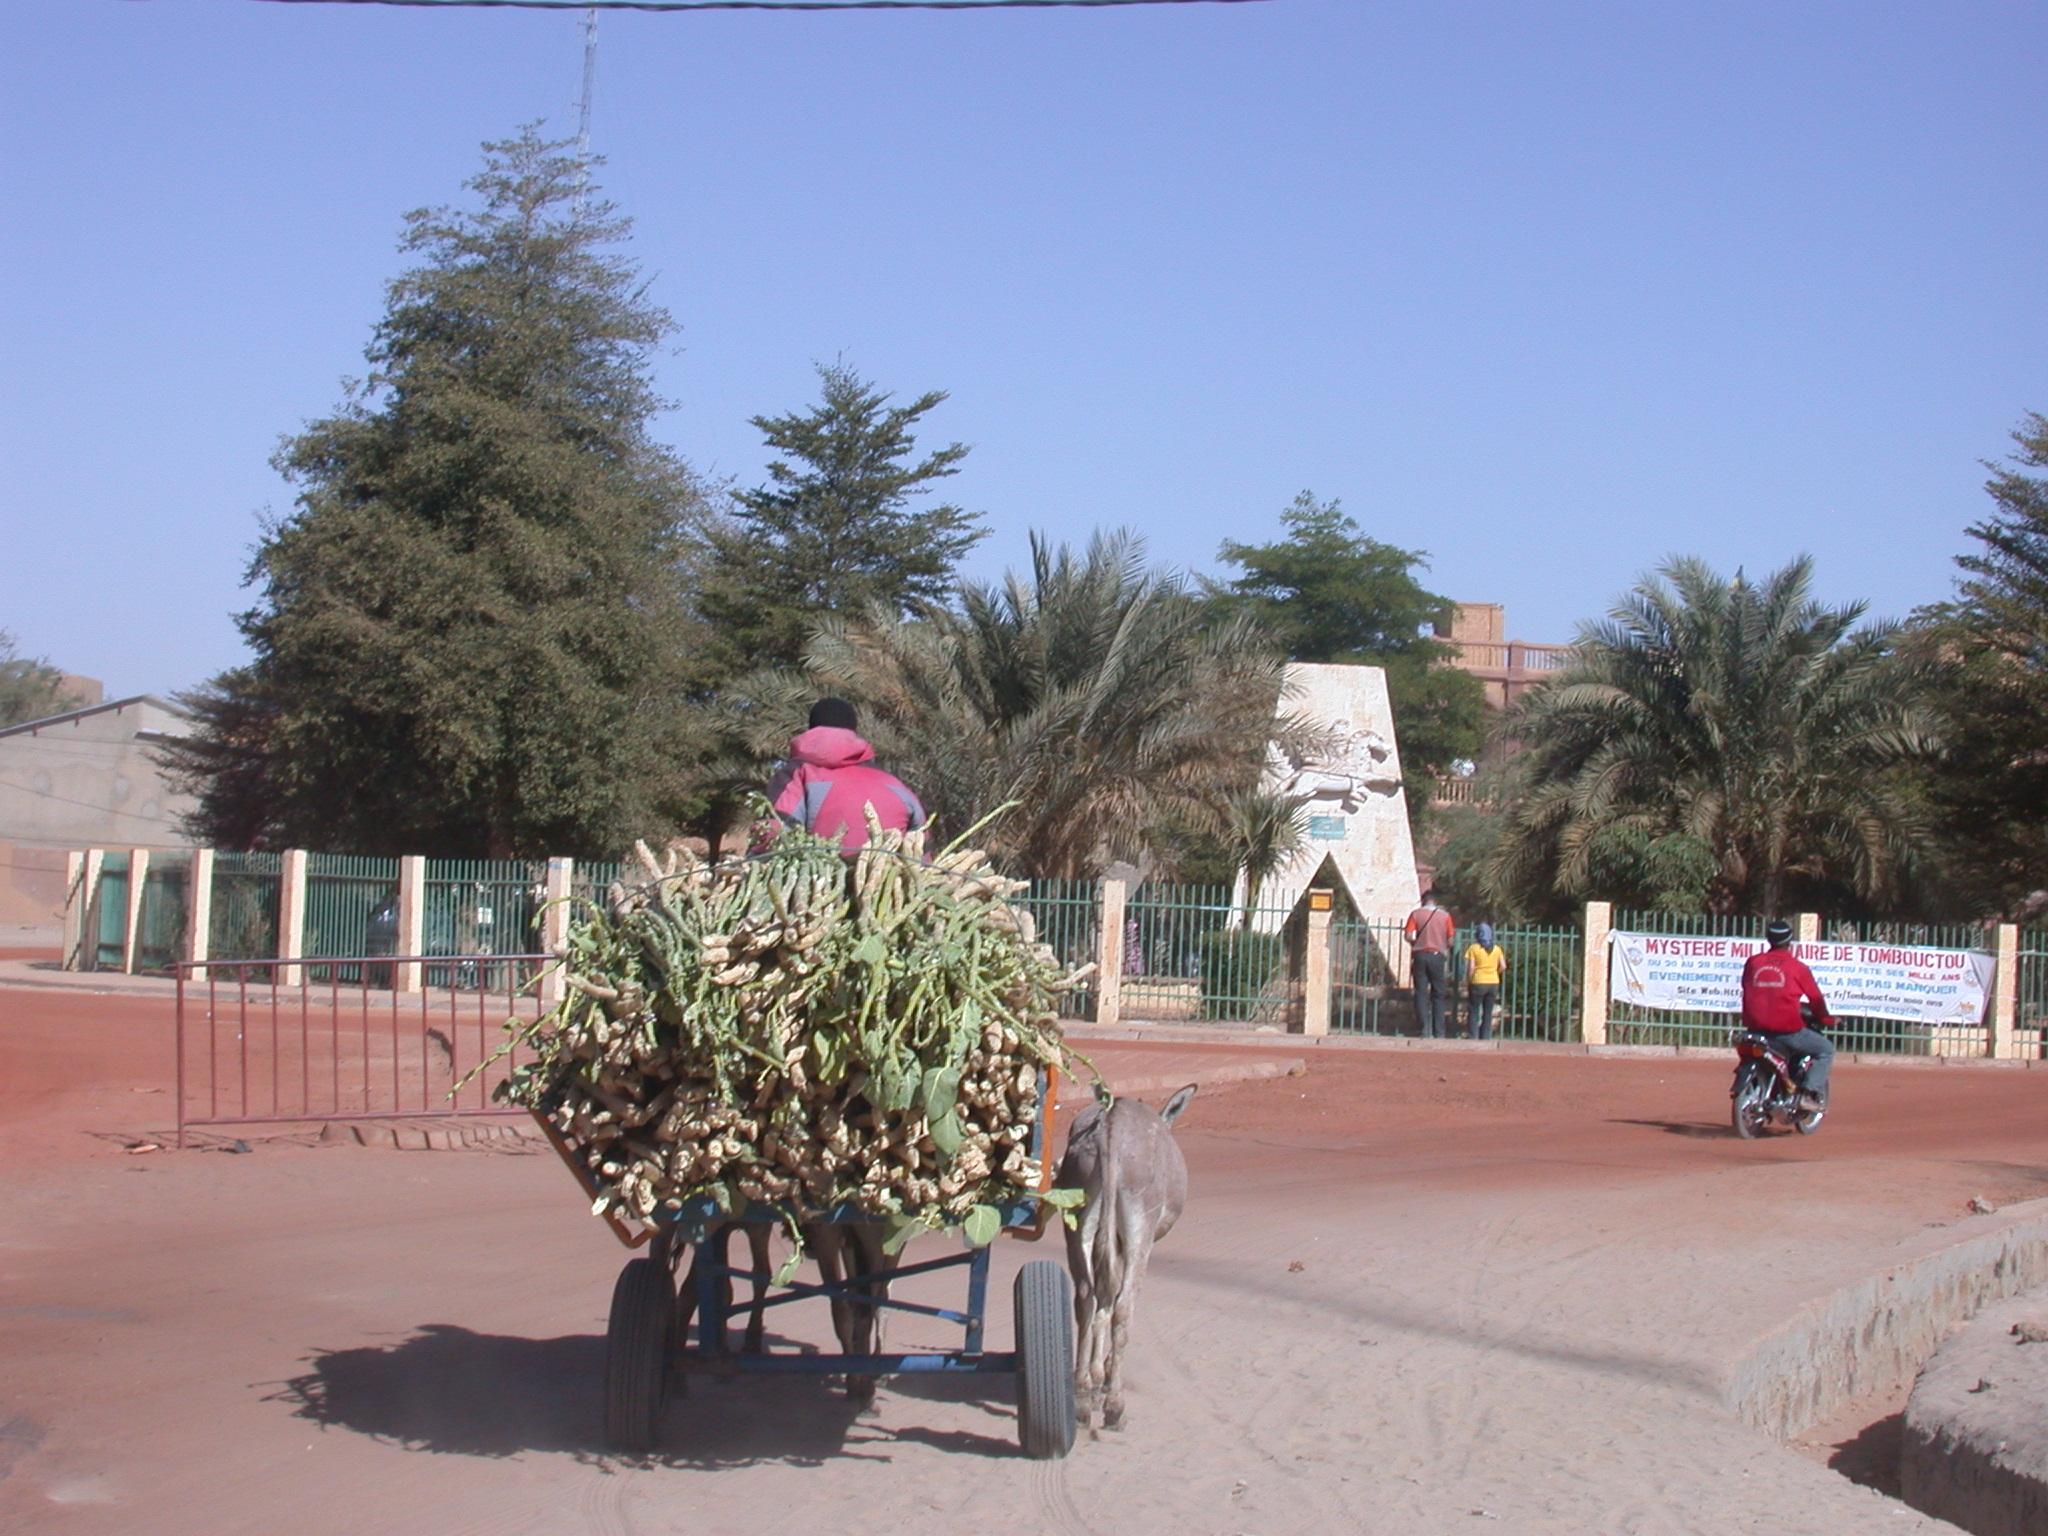 Donkey Cart, Town Square, Timbuktu, Mali